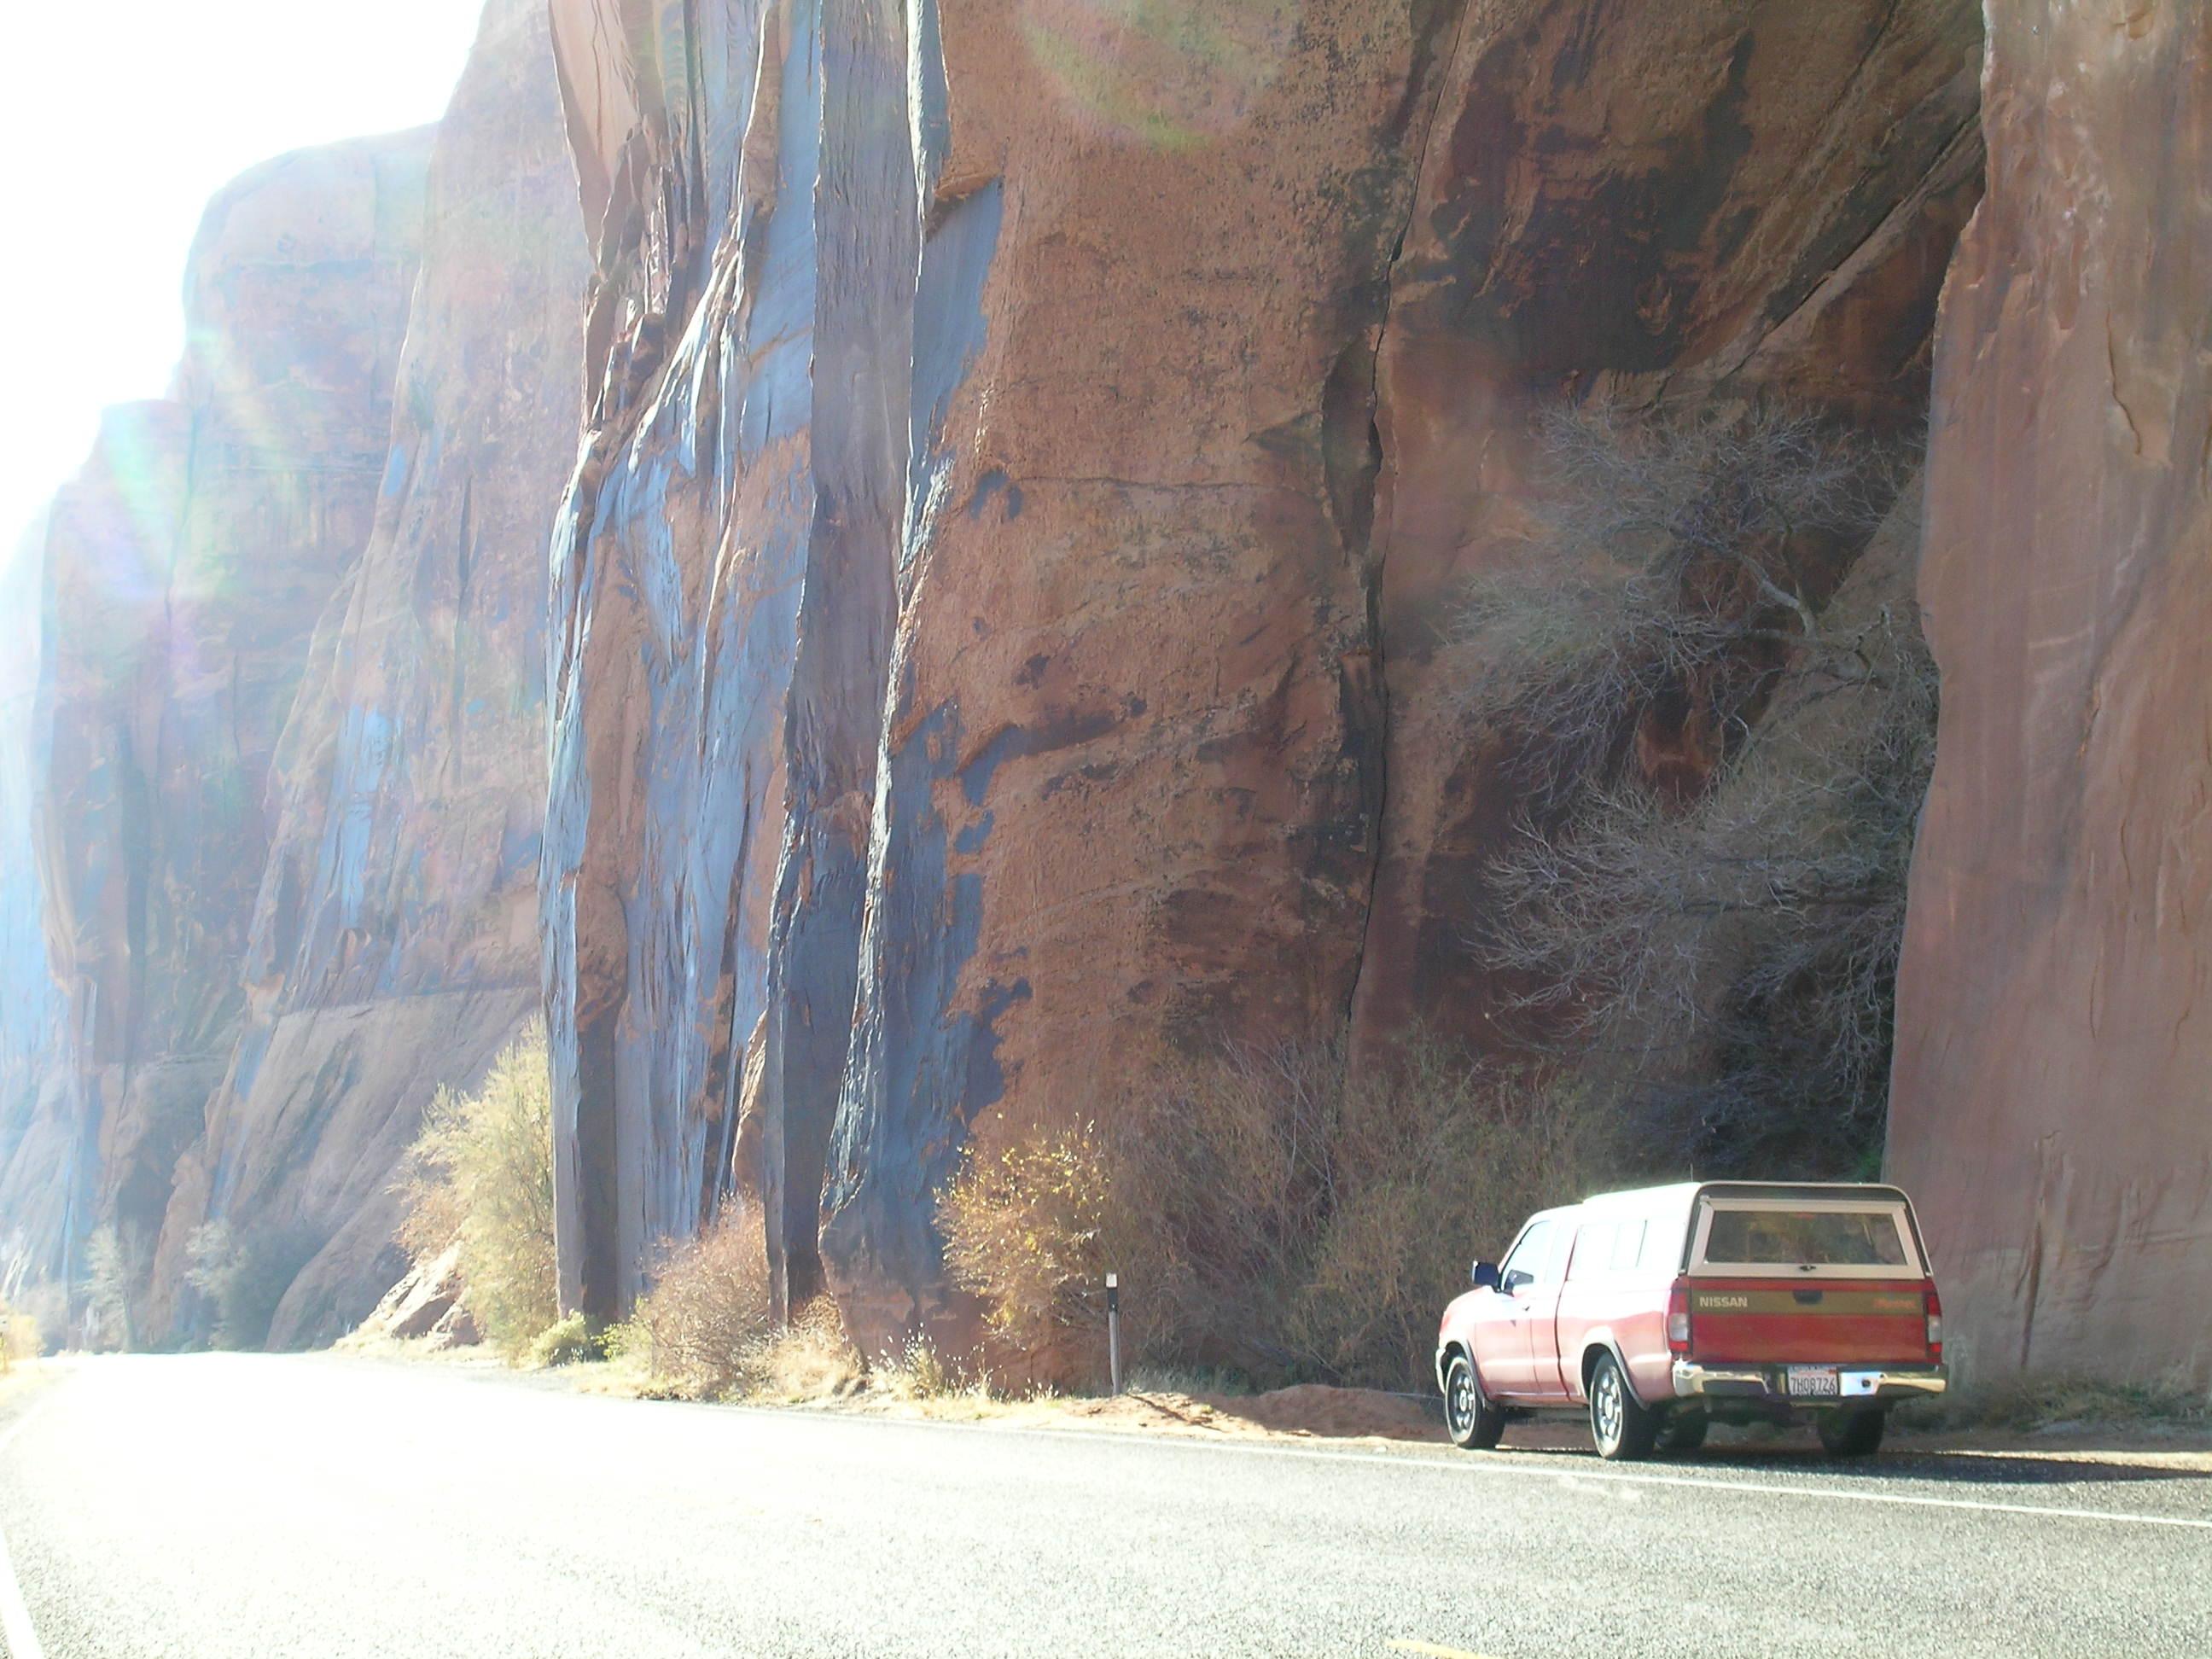 Roadside Climbing at it's best!